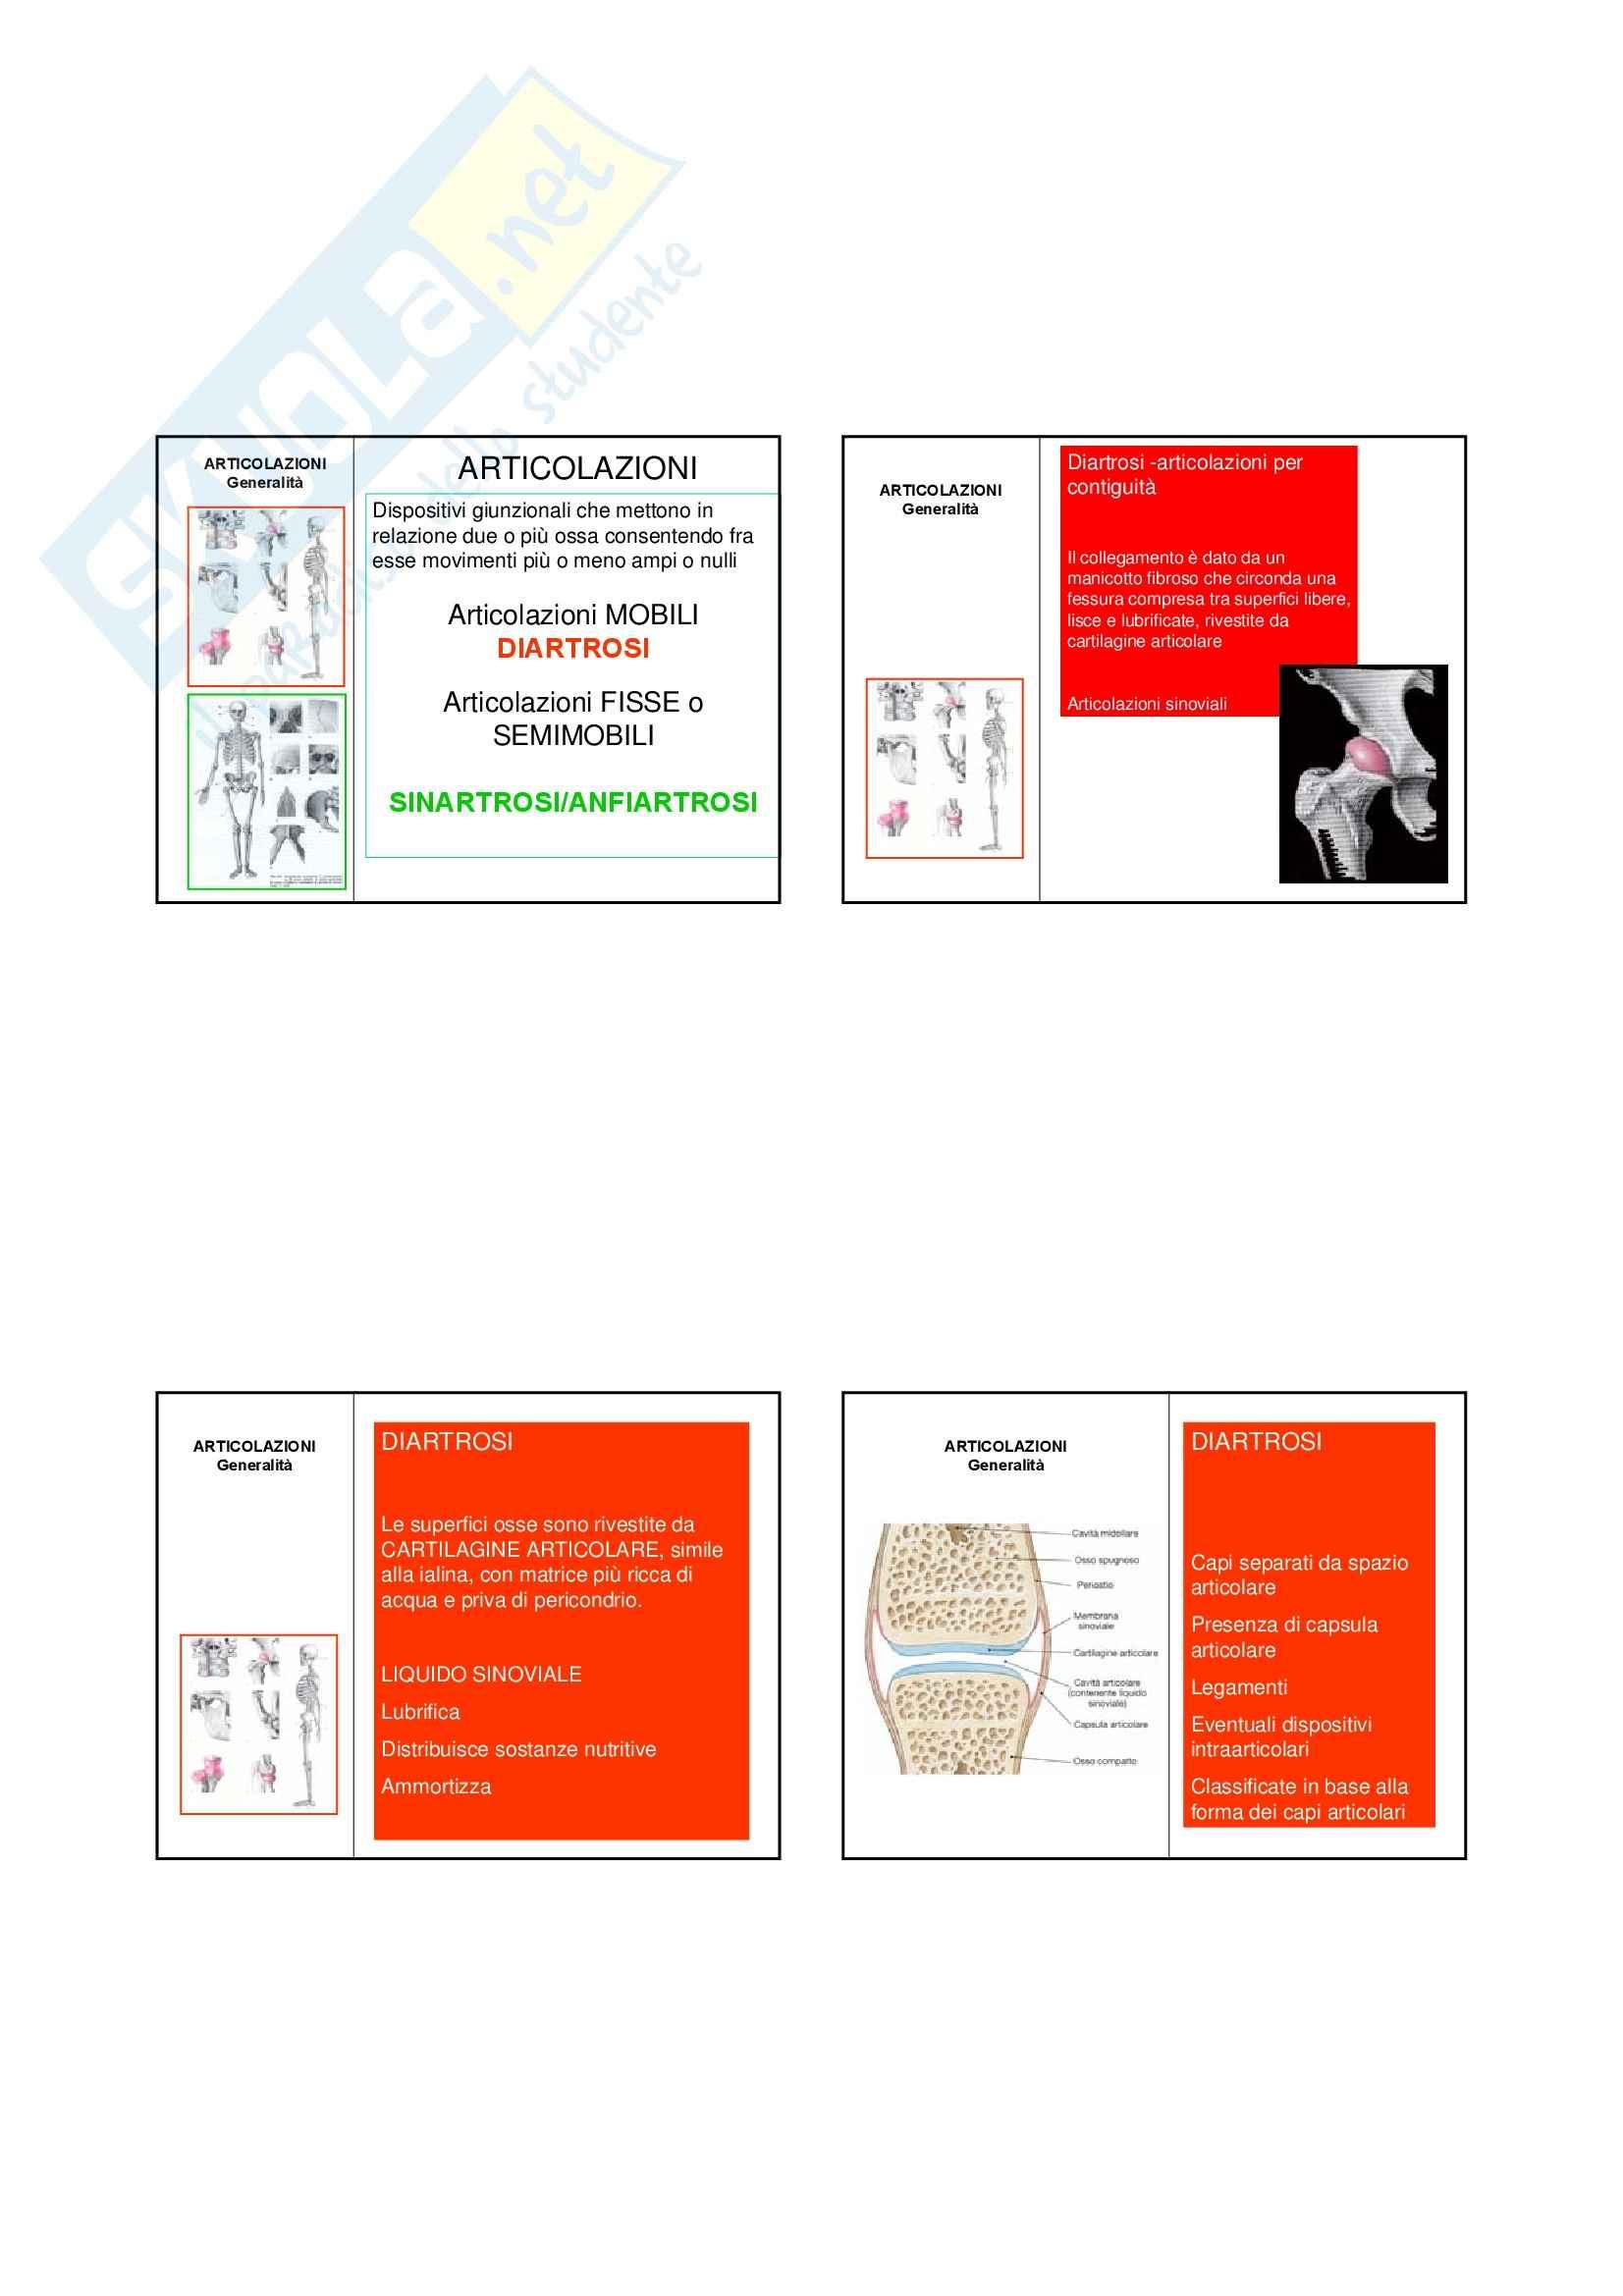 Anatomia I – Articolazioni – Slides 5 Pag. 1